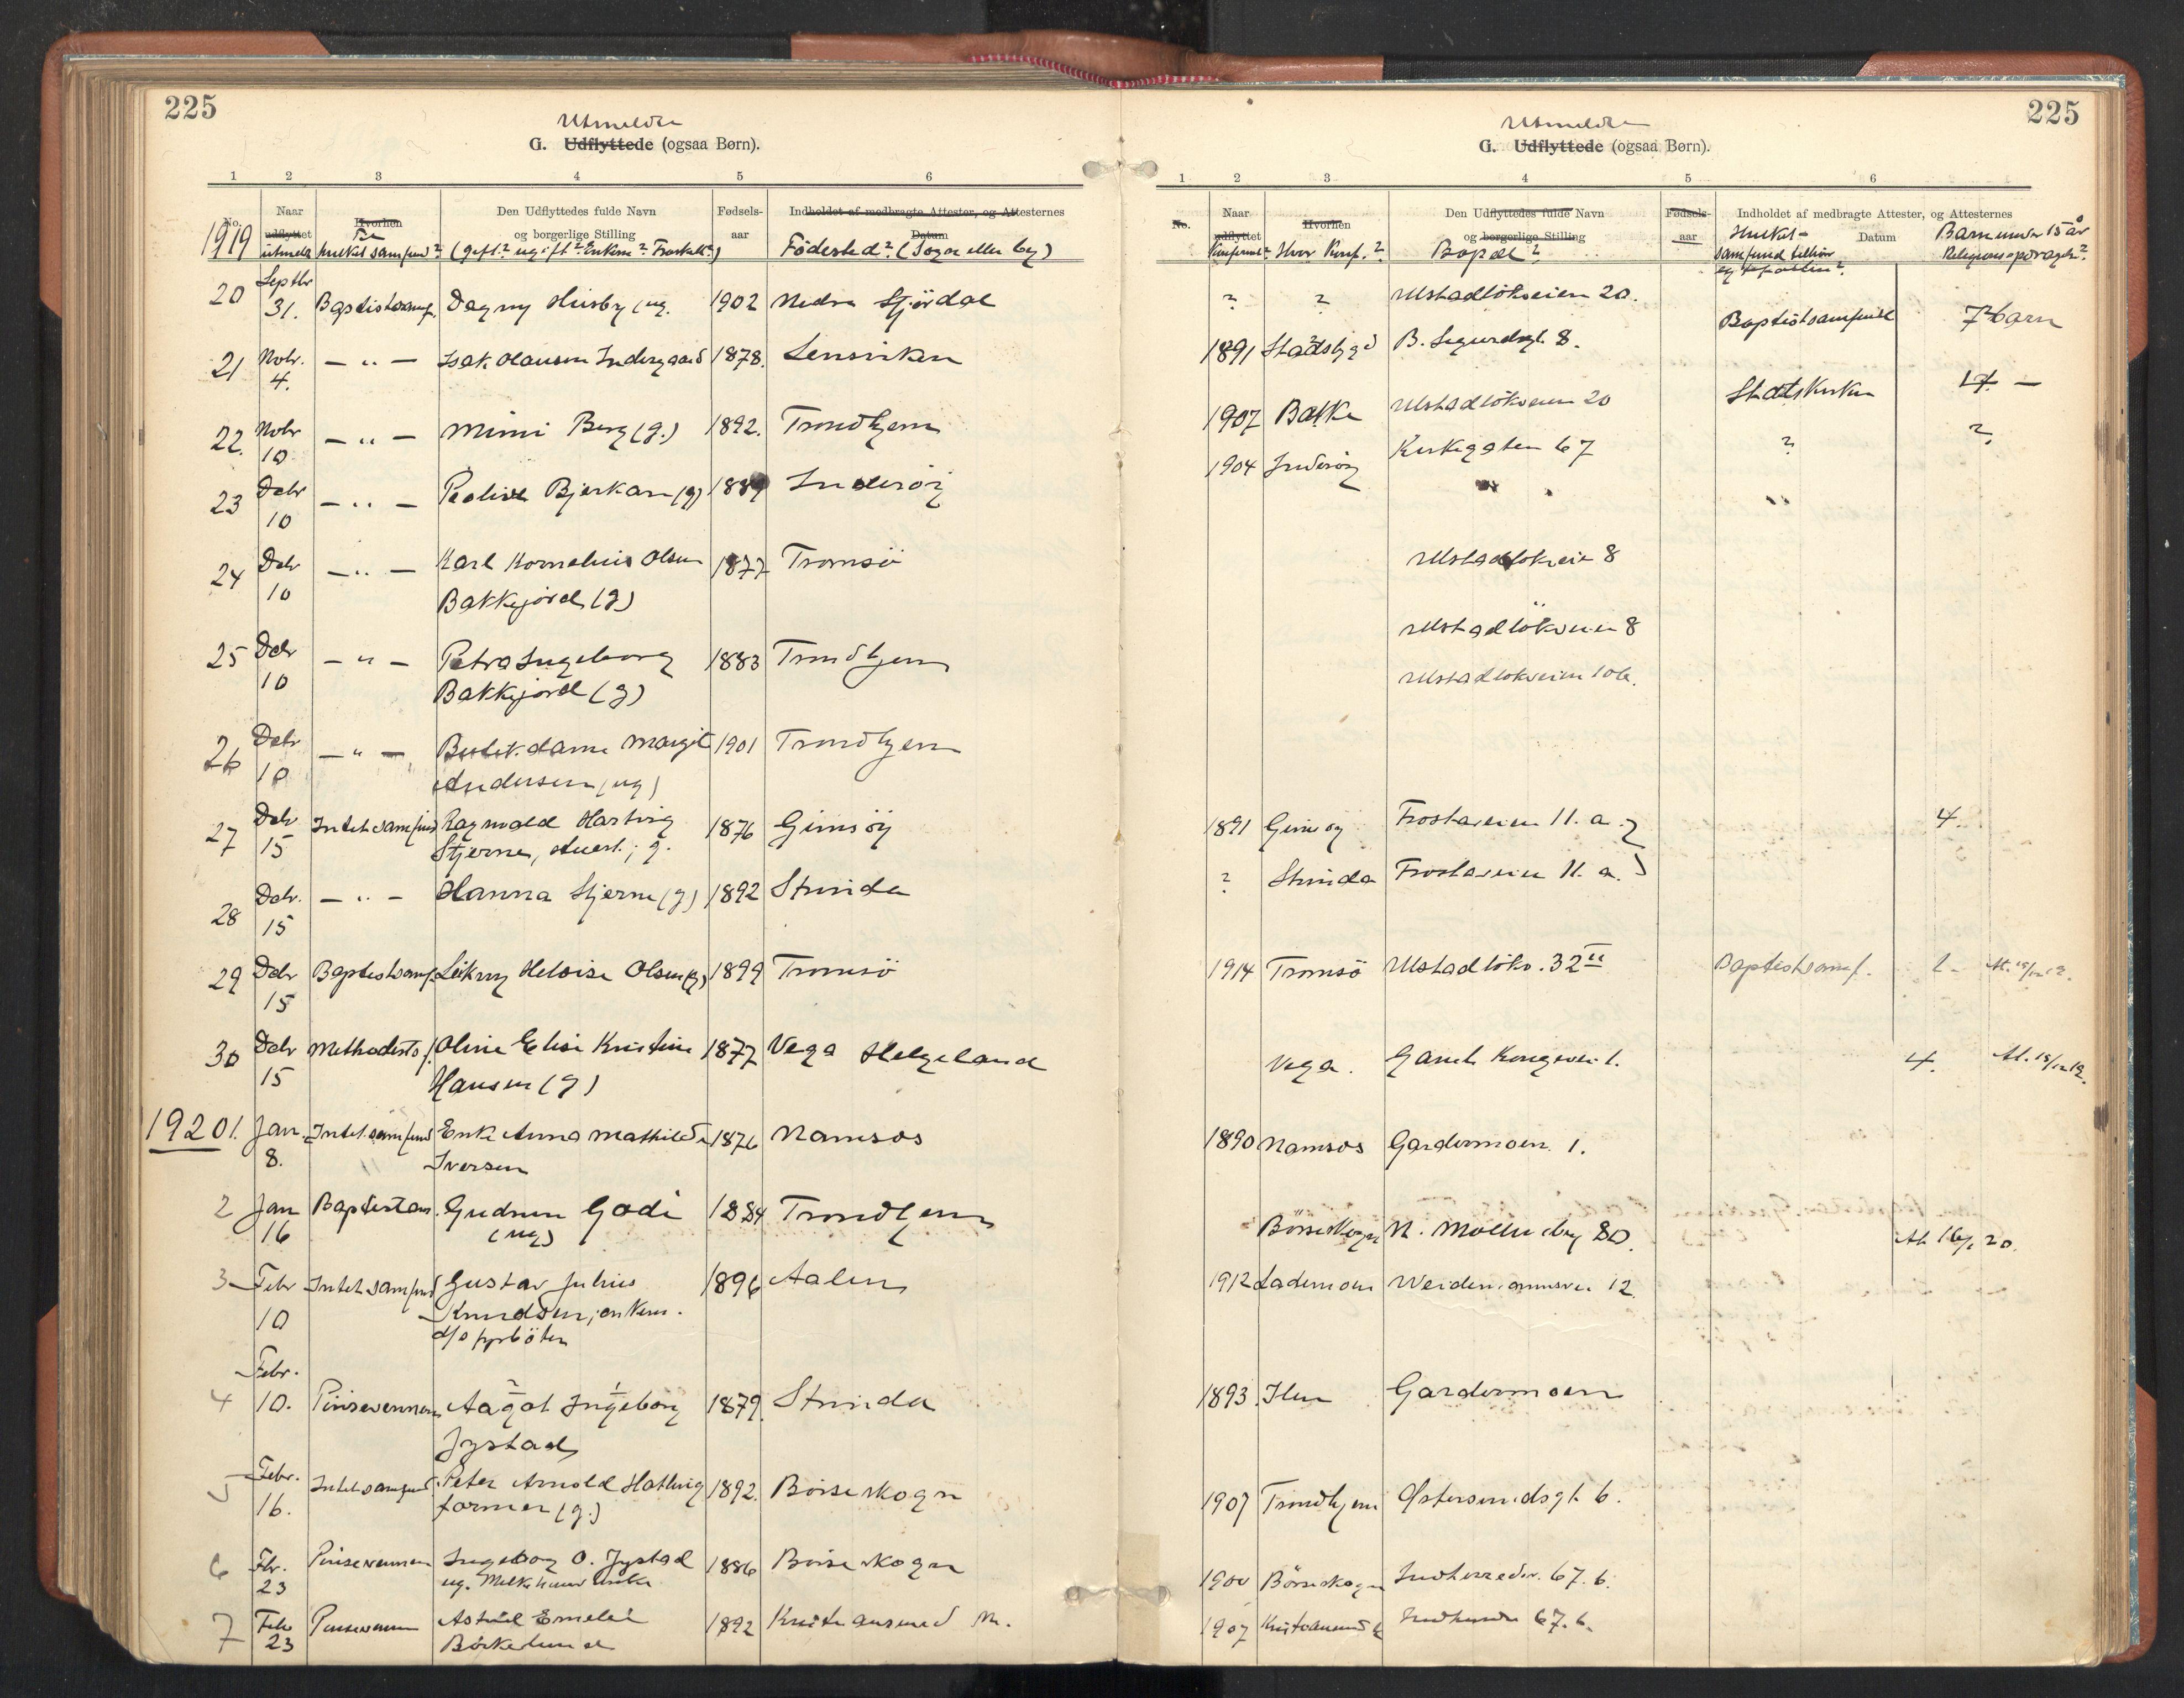 SAT, Ministerialprotokoller, klokkerbøker og fødselsregistre - Sør-Trøndelag, 605/L0244: Ministerialbok nr. 605A06, 1908-1954, s. 225